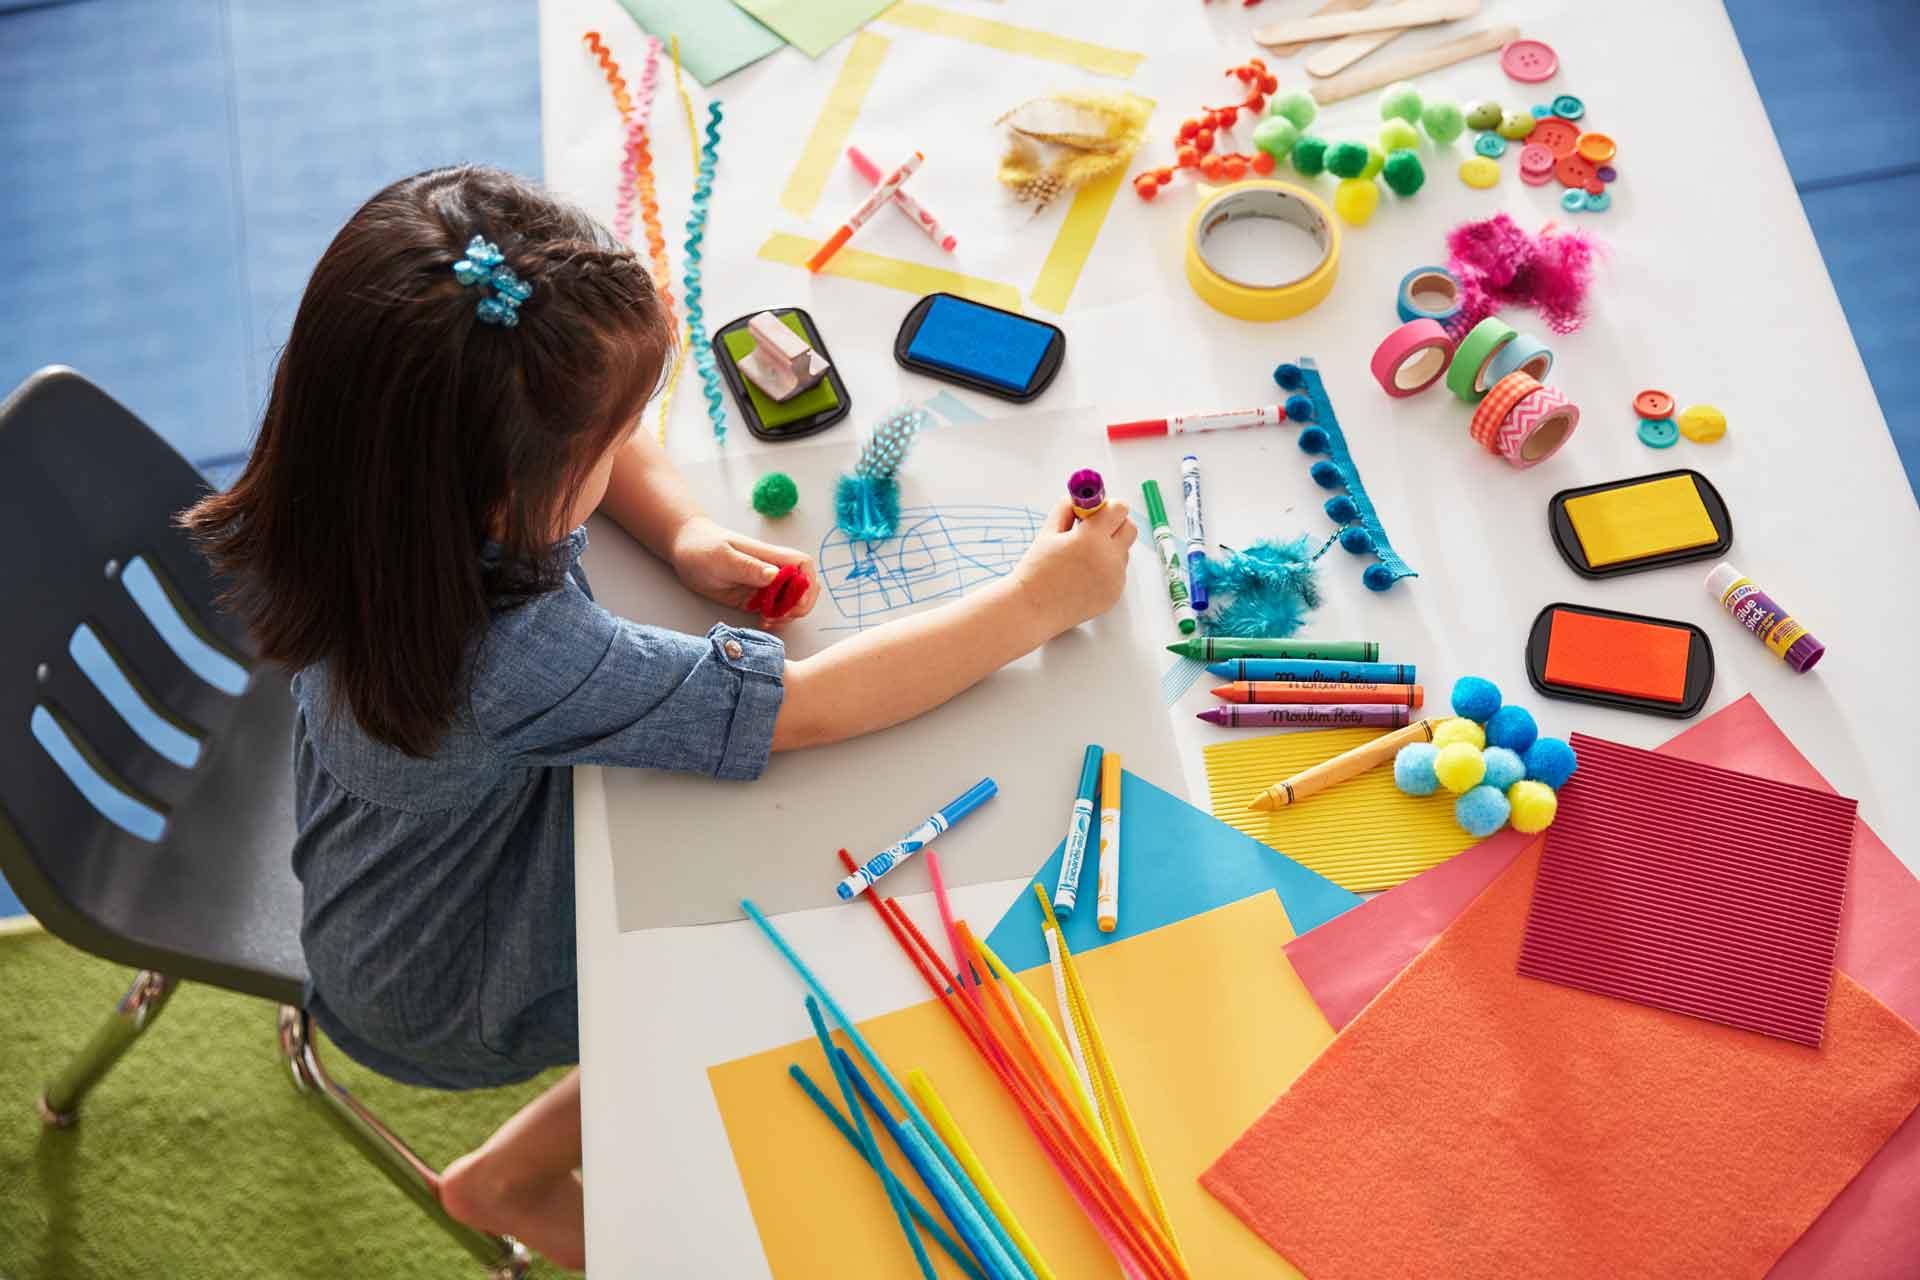 Estimular criatividade criança e bebé criatividade lisboa como estimular o bebé o que é a criatividade gracinha viterbo educação positiva